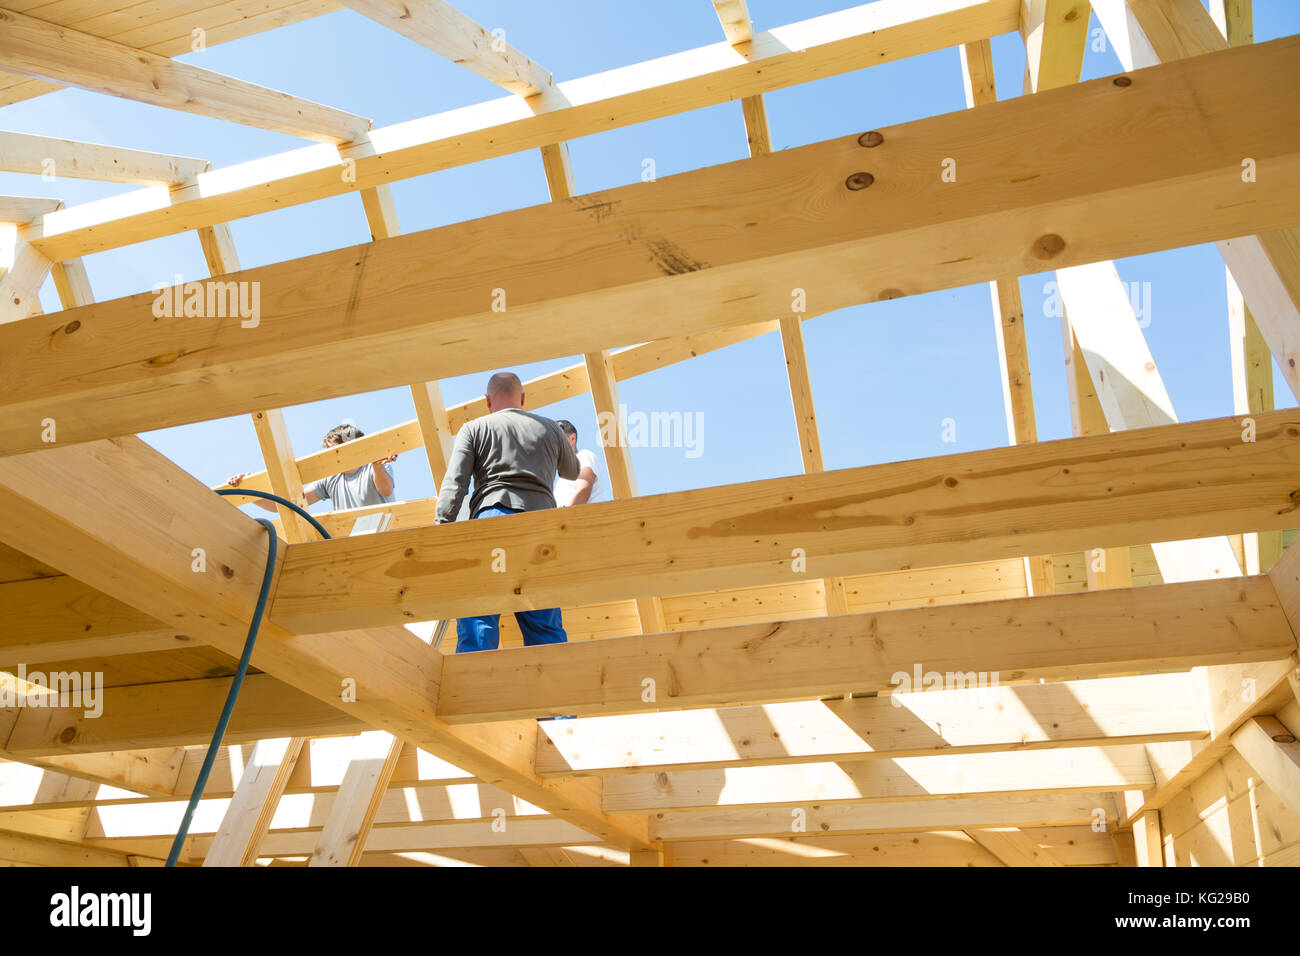 Baumeister bei der Arbeit mit Dachkonstruktion aus Holz Stockfoto ...